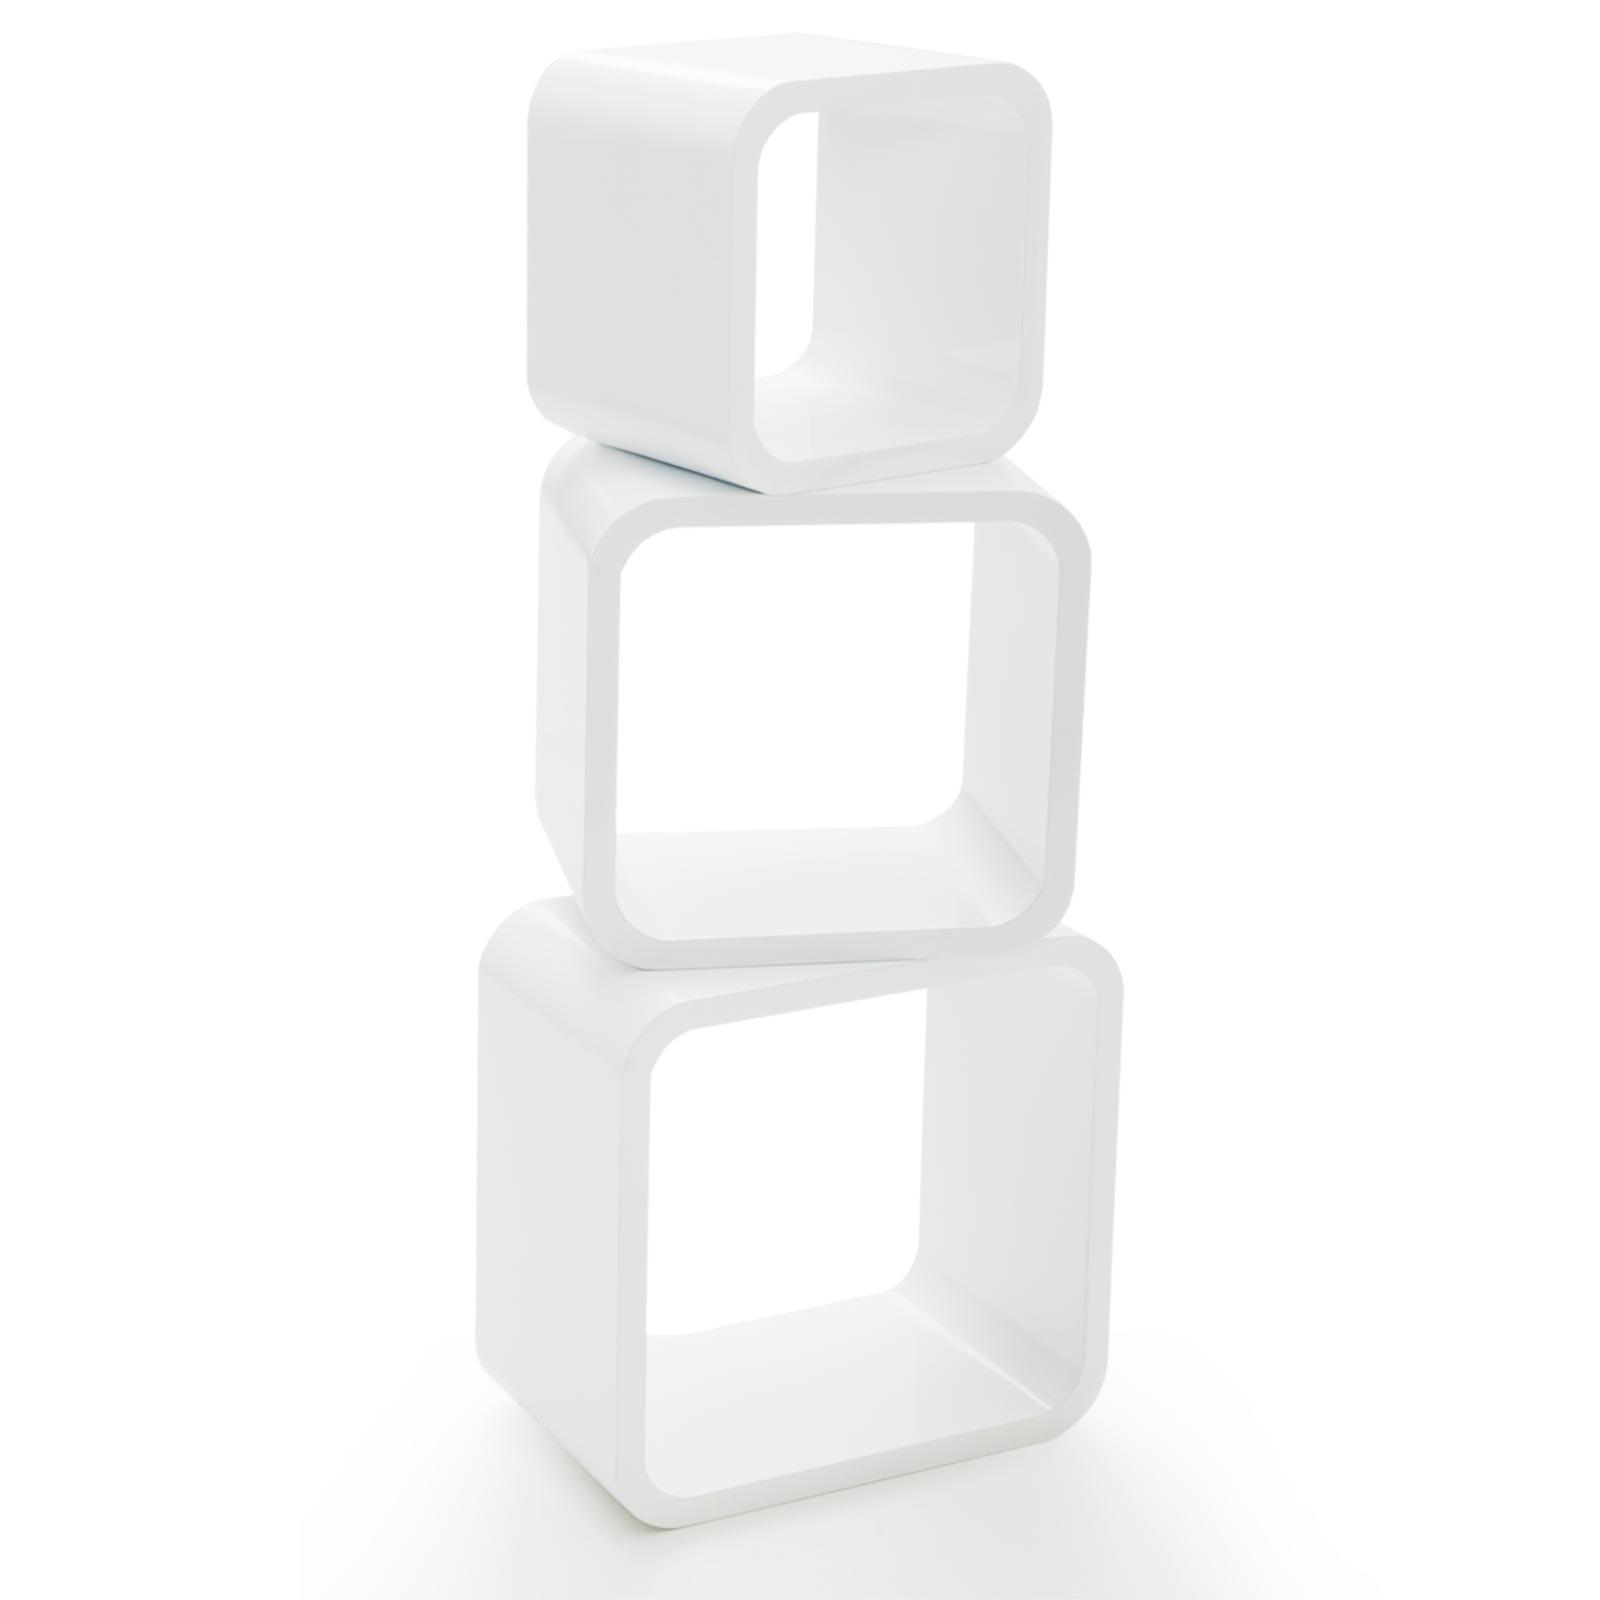 Full Size of Cube Regal Weiß Hochglanz Weiße Betten Offenes Soft Plus Kisten 80 Cm Hoch Regale Metall Für Ordner Schlafzimmer Set 20 Tief Kleine Bad Industrie Weißes Wohnzimmer Cube Regal Weiß Hochglanz